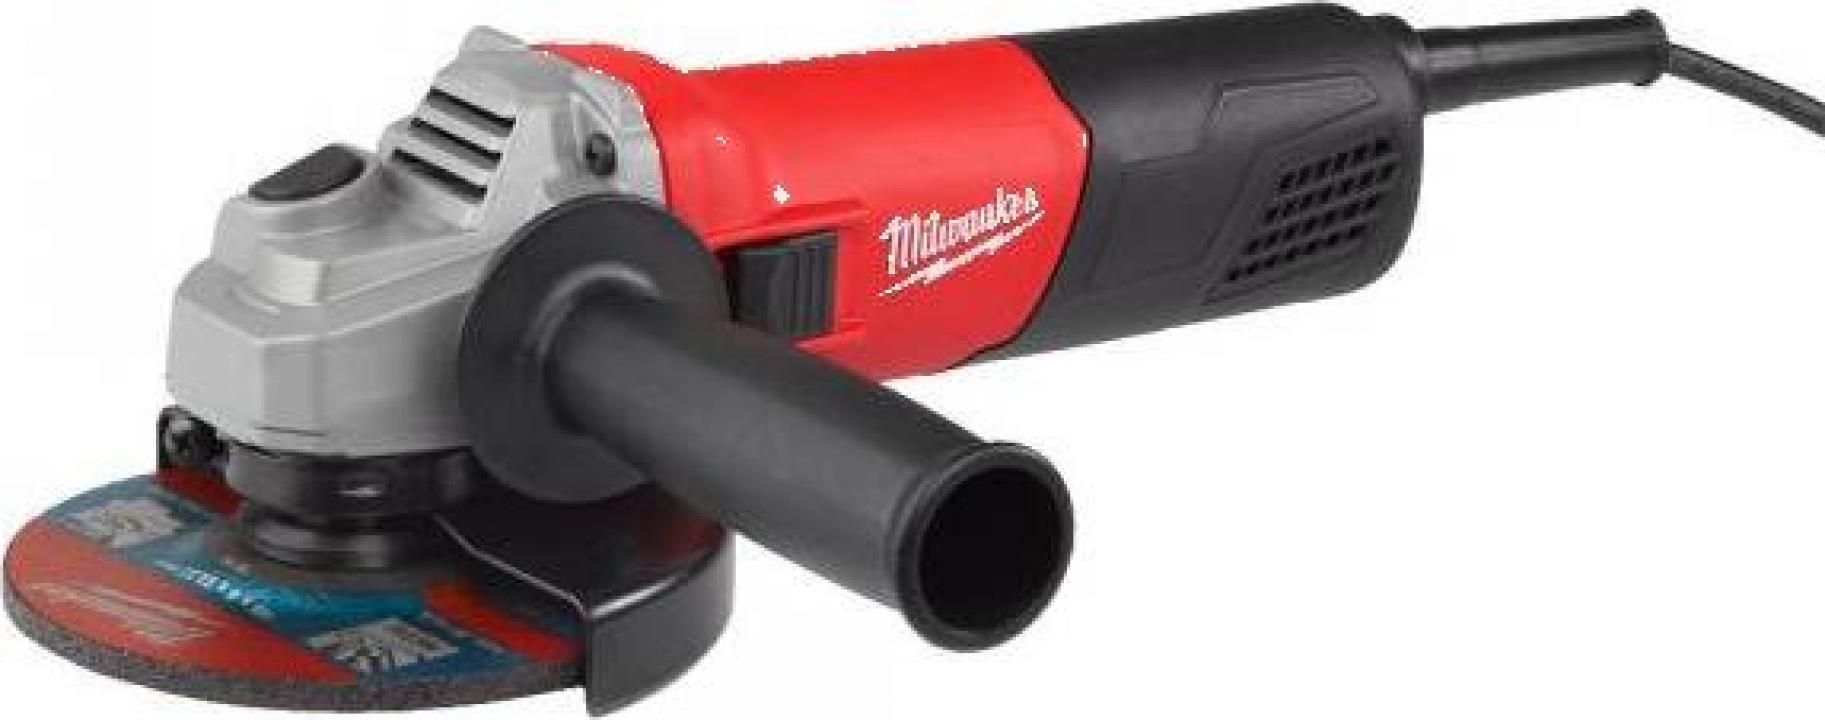 Polizor unghiular Milwaukee AG 800-125 E, 800 W, 125 mm